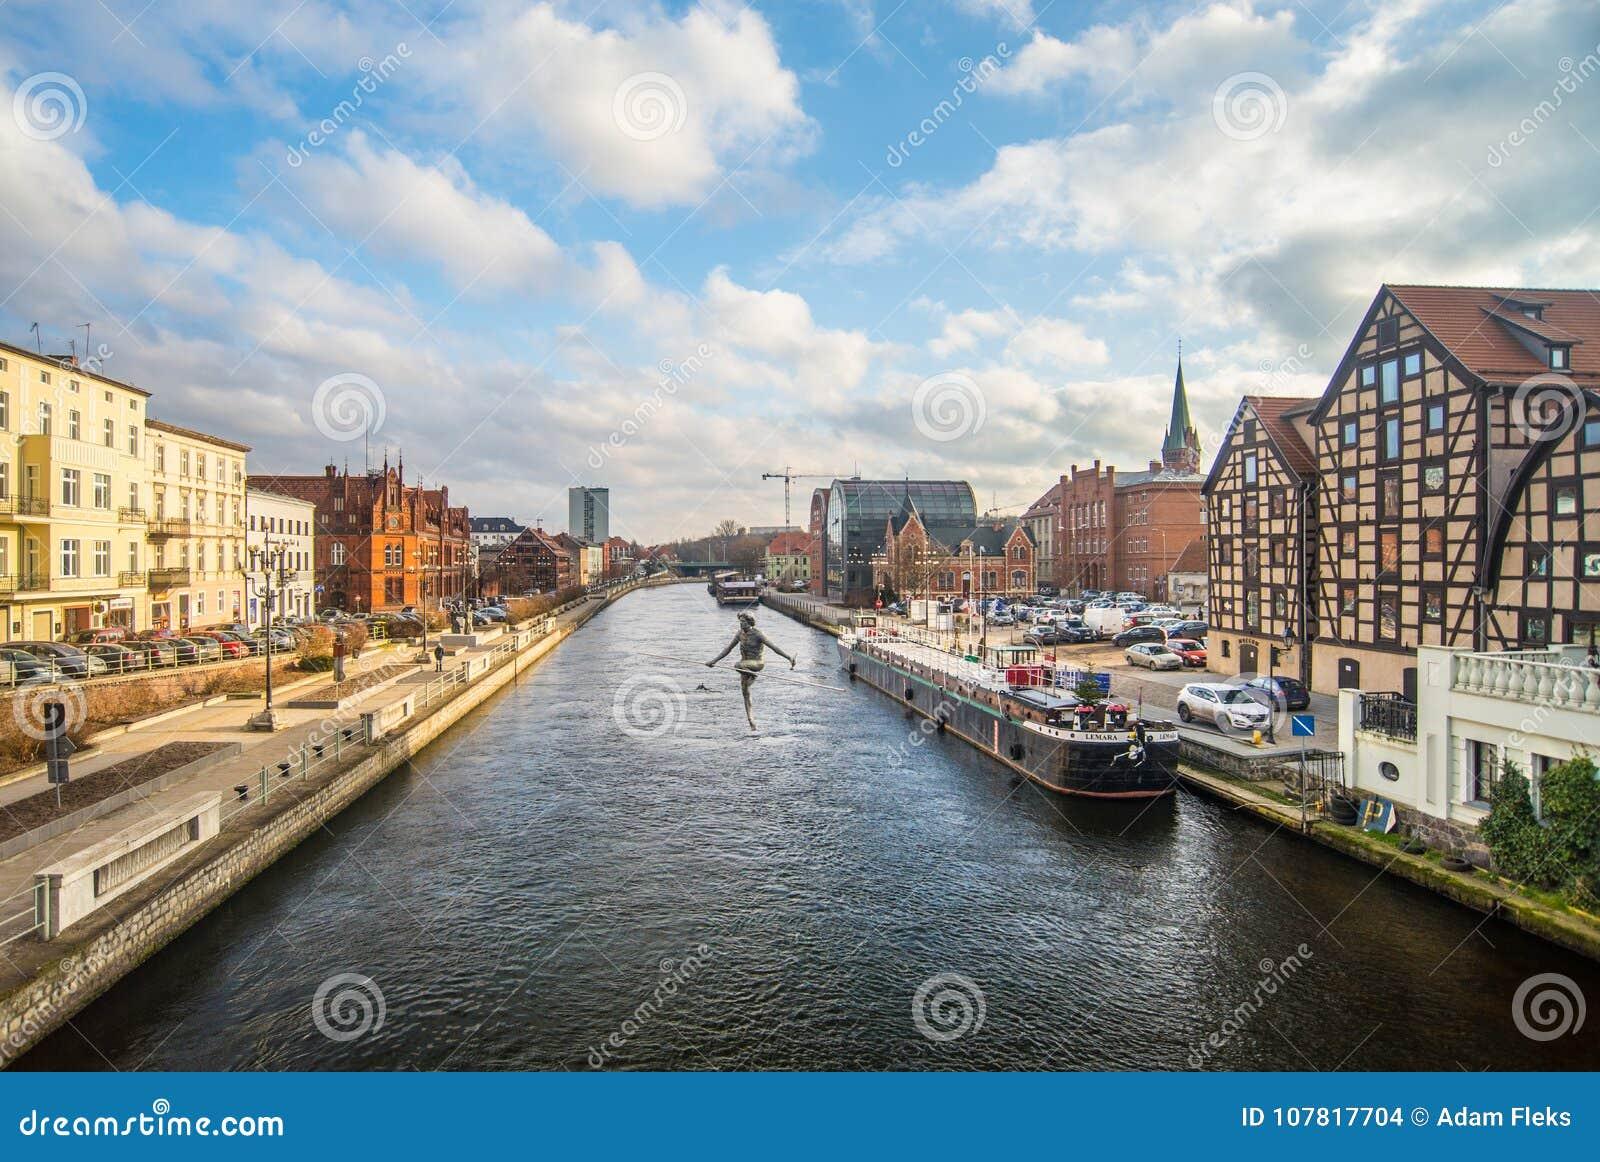 Kanal i Bydgoszcz, Polen